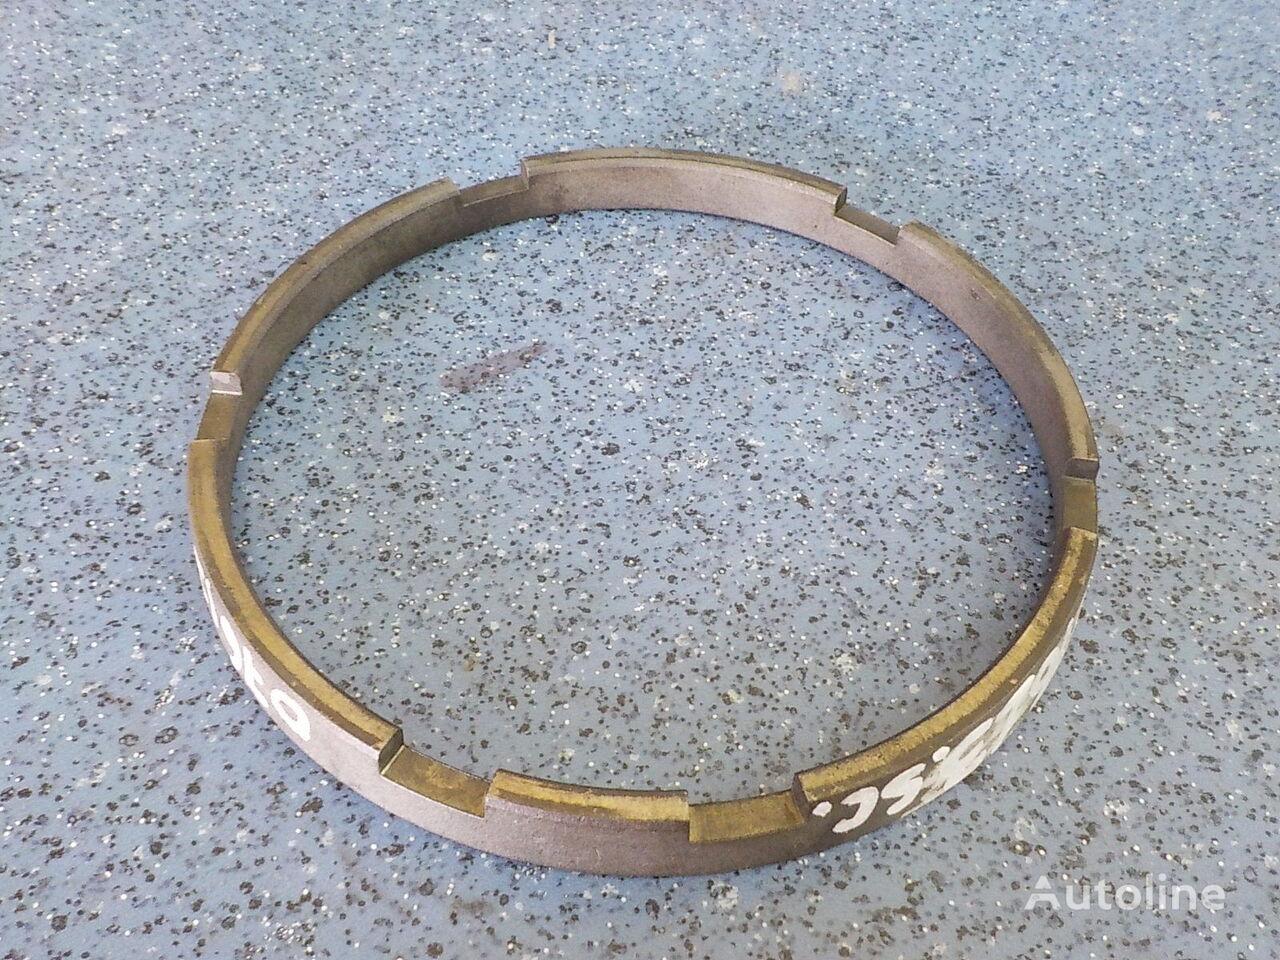 SCANIA kamyon için Konus sinhronizatora, satellitnoe koleso yedek parça